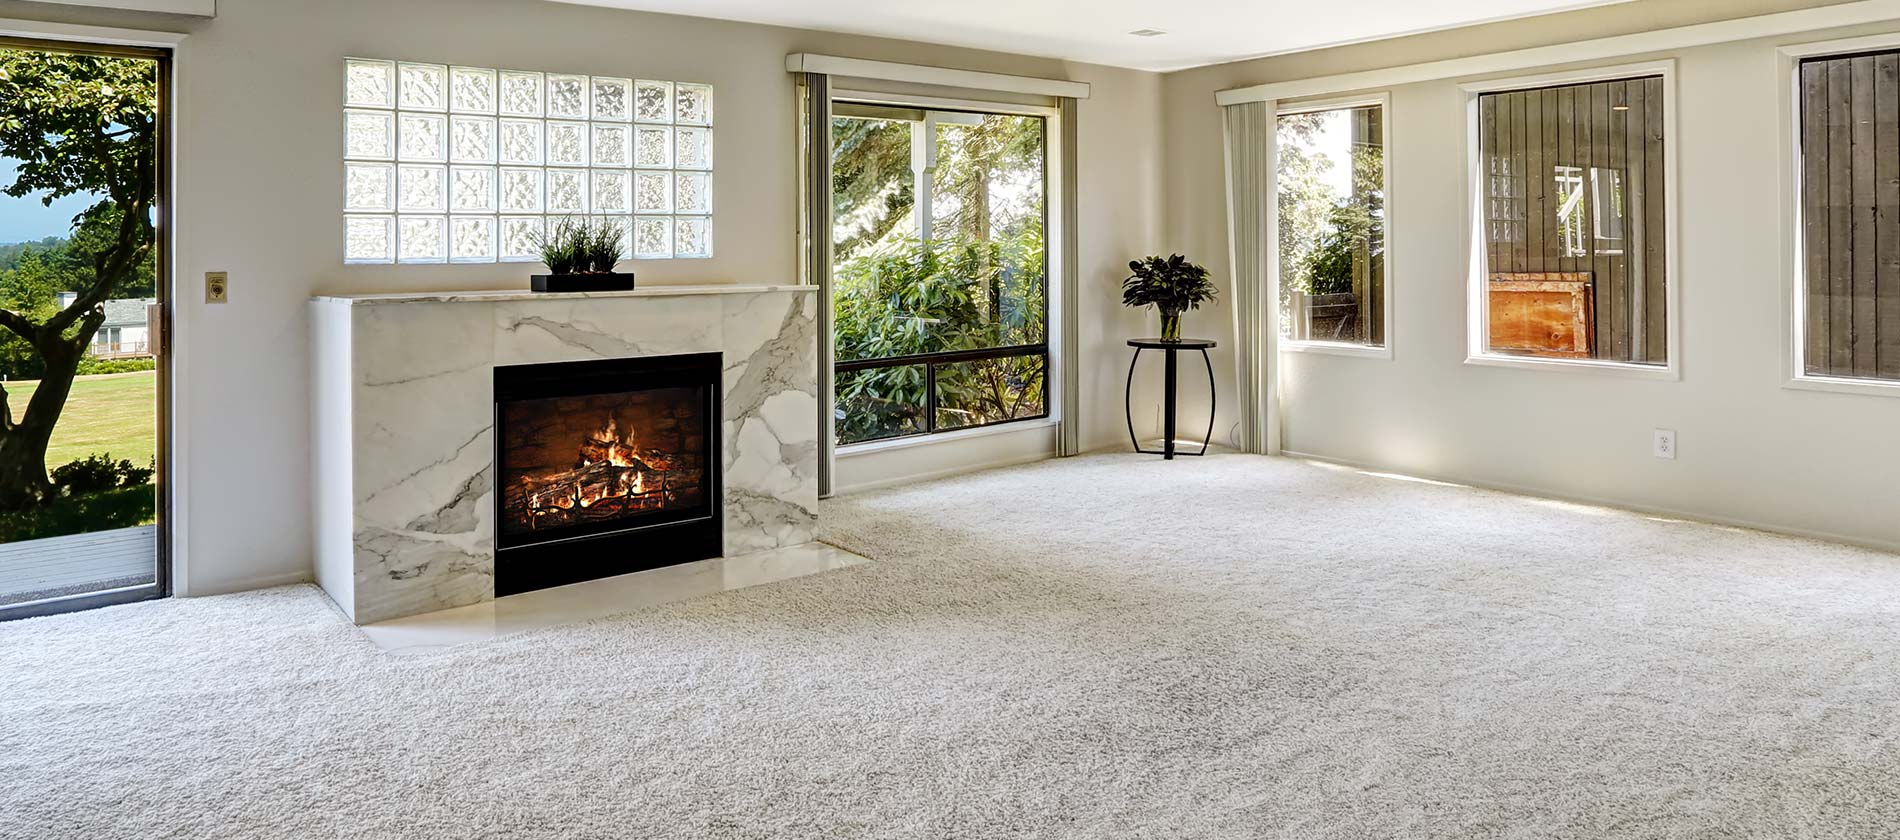 Flooring In Bakersfield Flooring Contractor Flooring